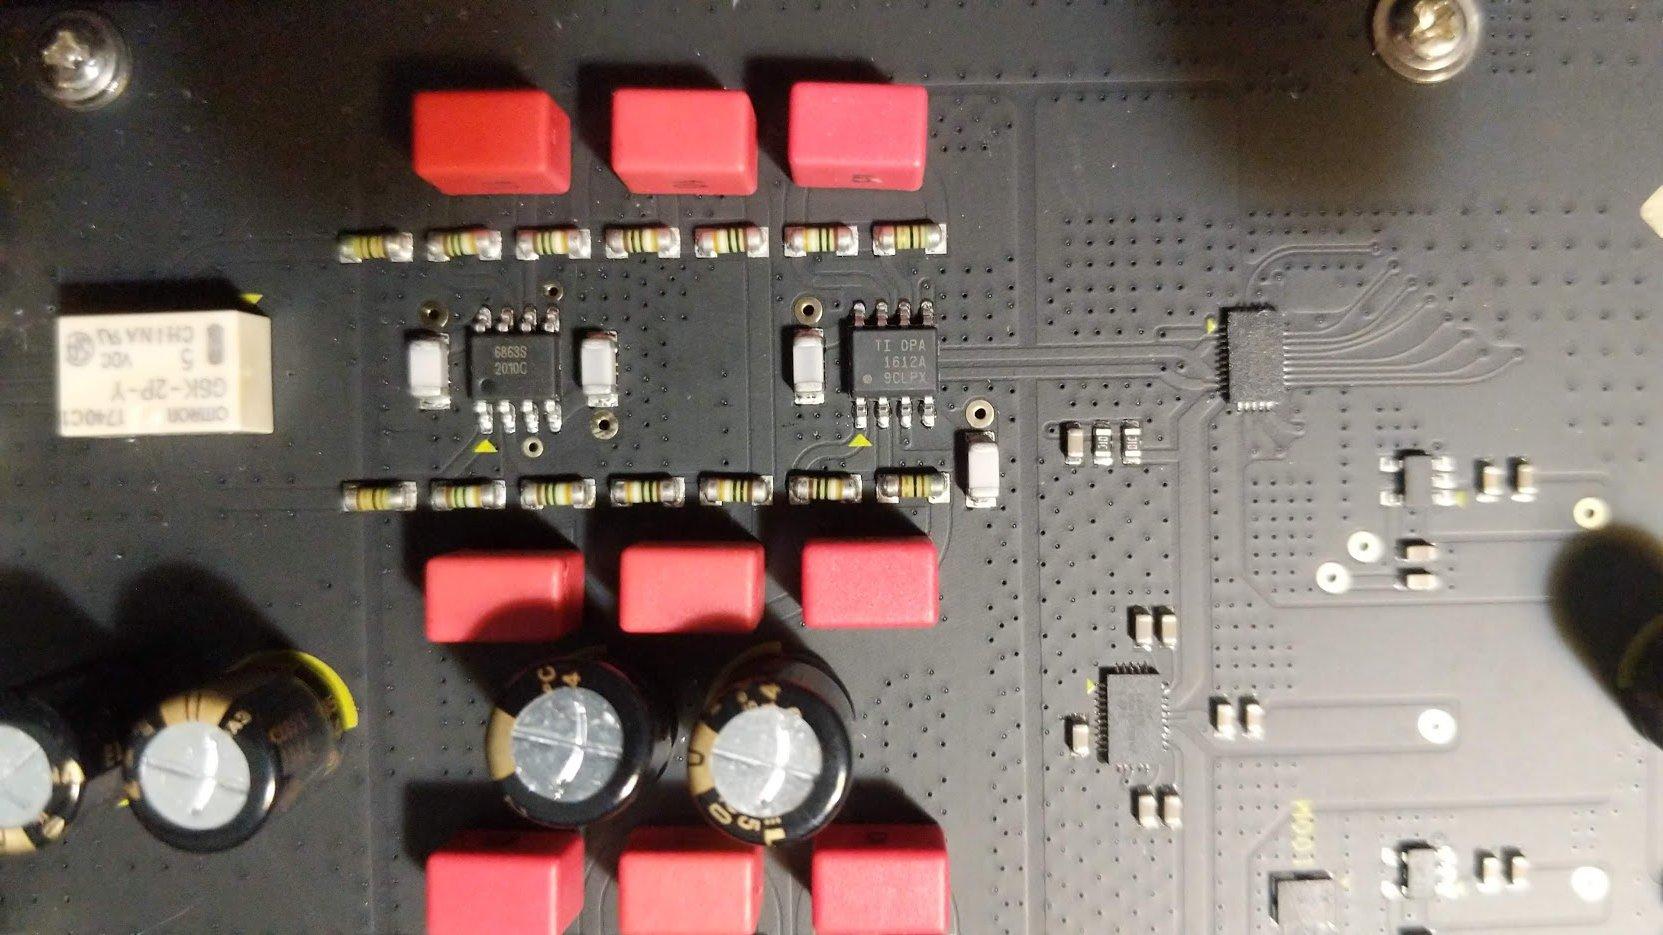 PXL_20210506_001956105.jpg